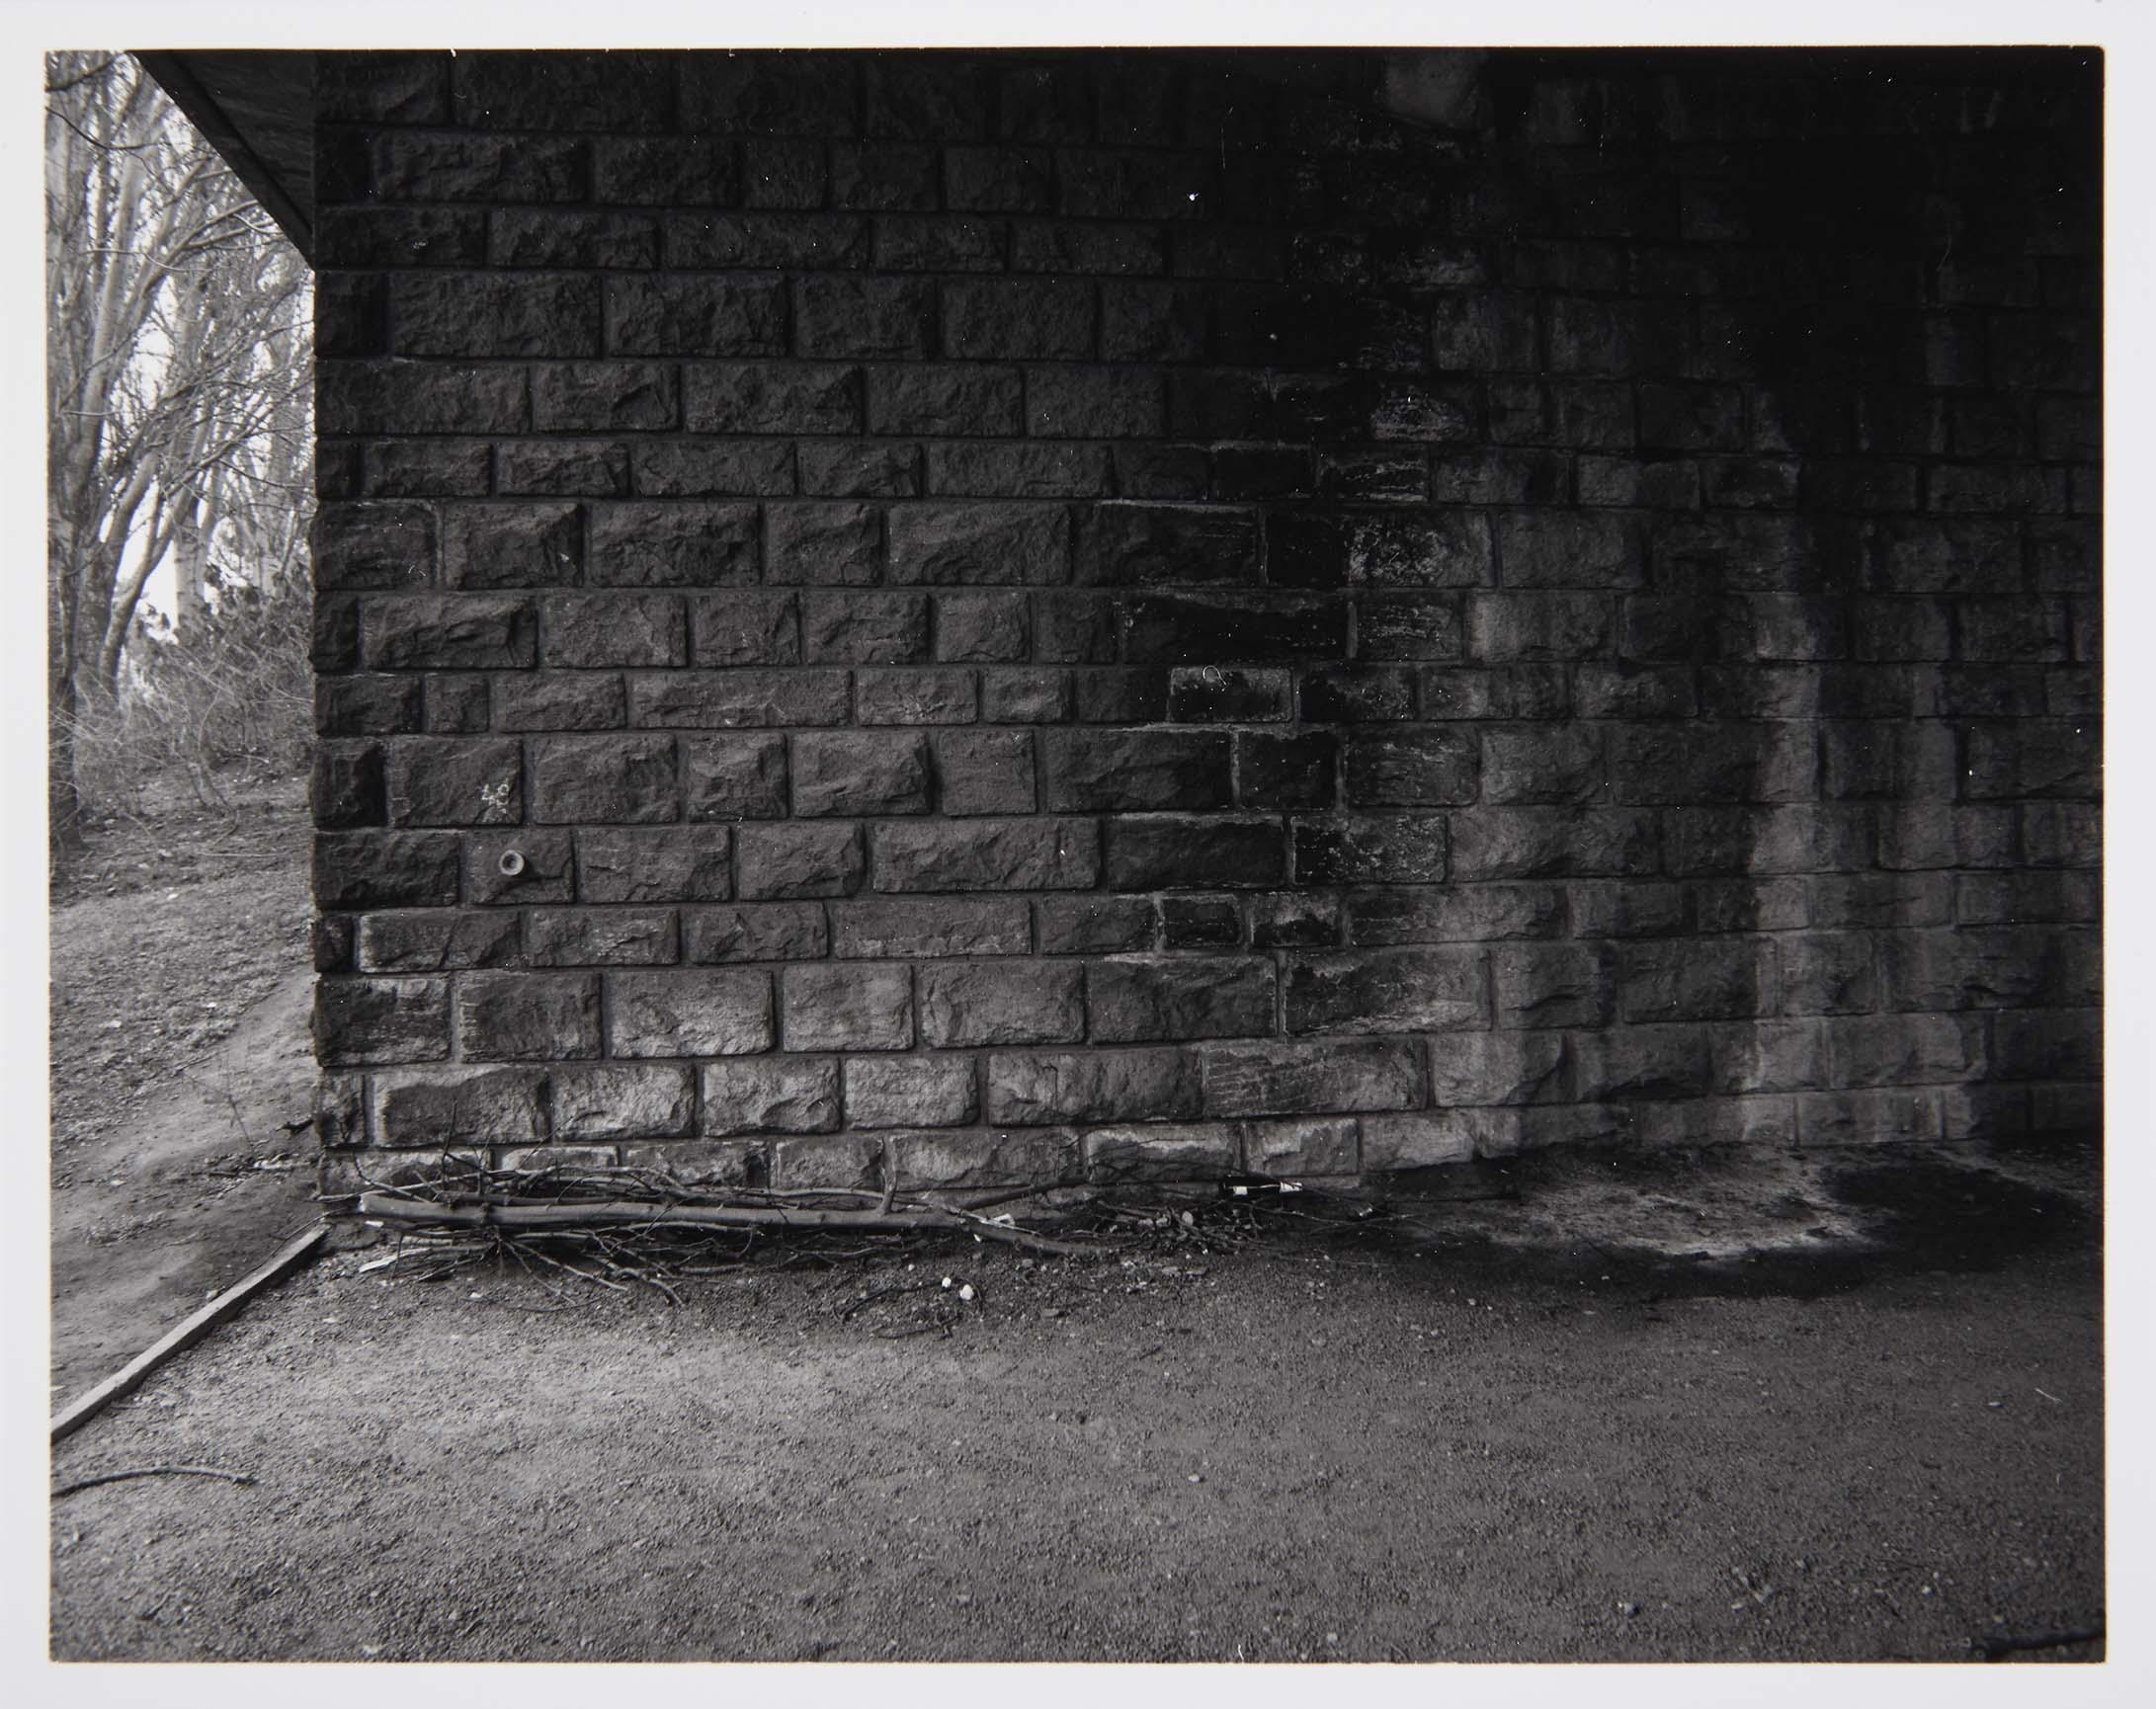 Marc pataut jeudi 17 f vrier 1994 paris saint denis sous l changeur de la porte de la - Stade porte de la chapelle ...